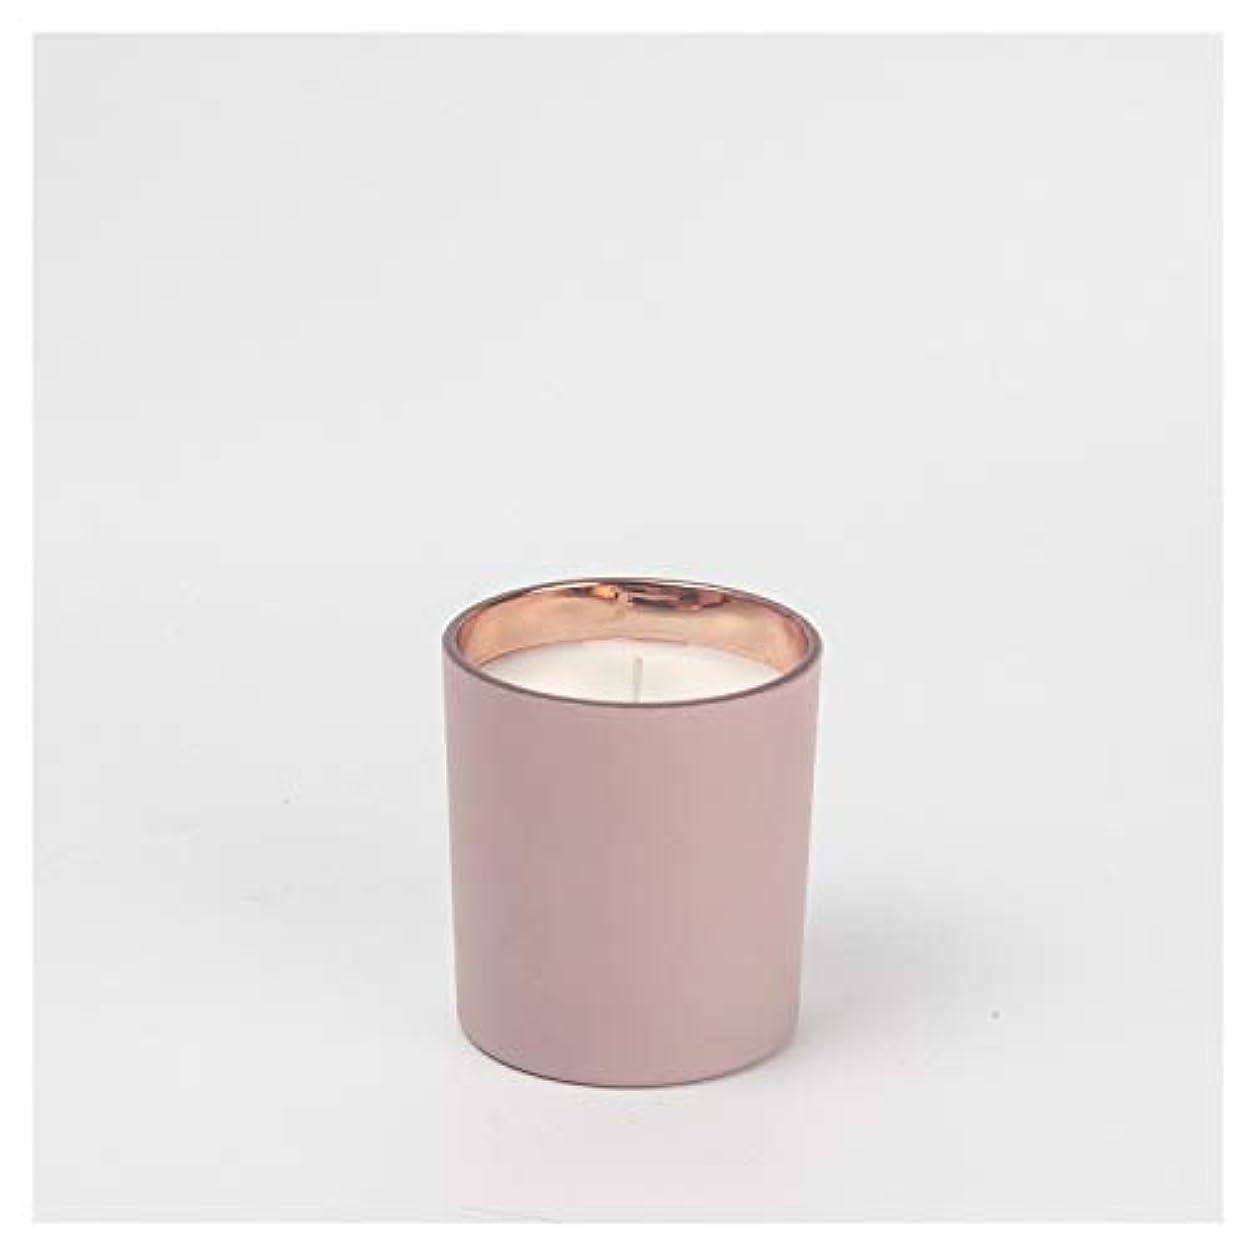 見分けるインフレーションはぁZtian 手作りの香りのキャンドルクリエイティブフロストカップキャンドル屋内の香りのキャンドル (色 : White, Size : 4.5x5.2cm)